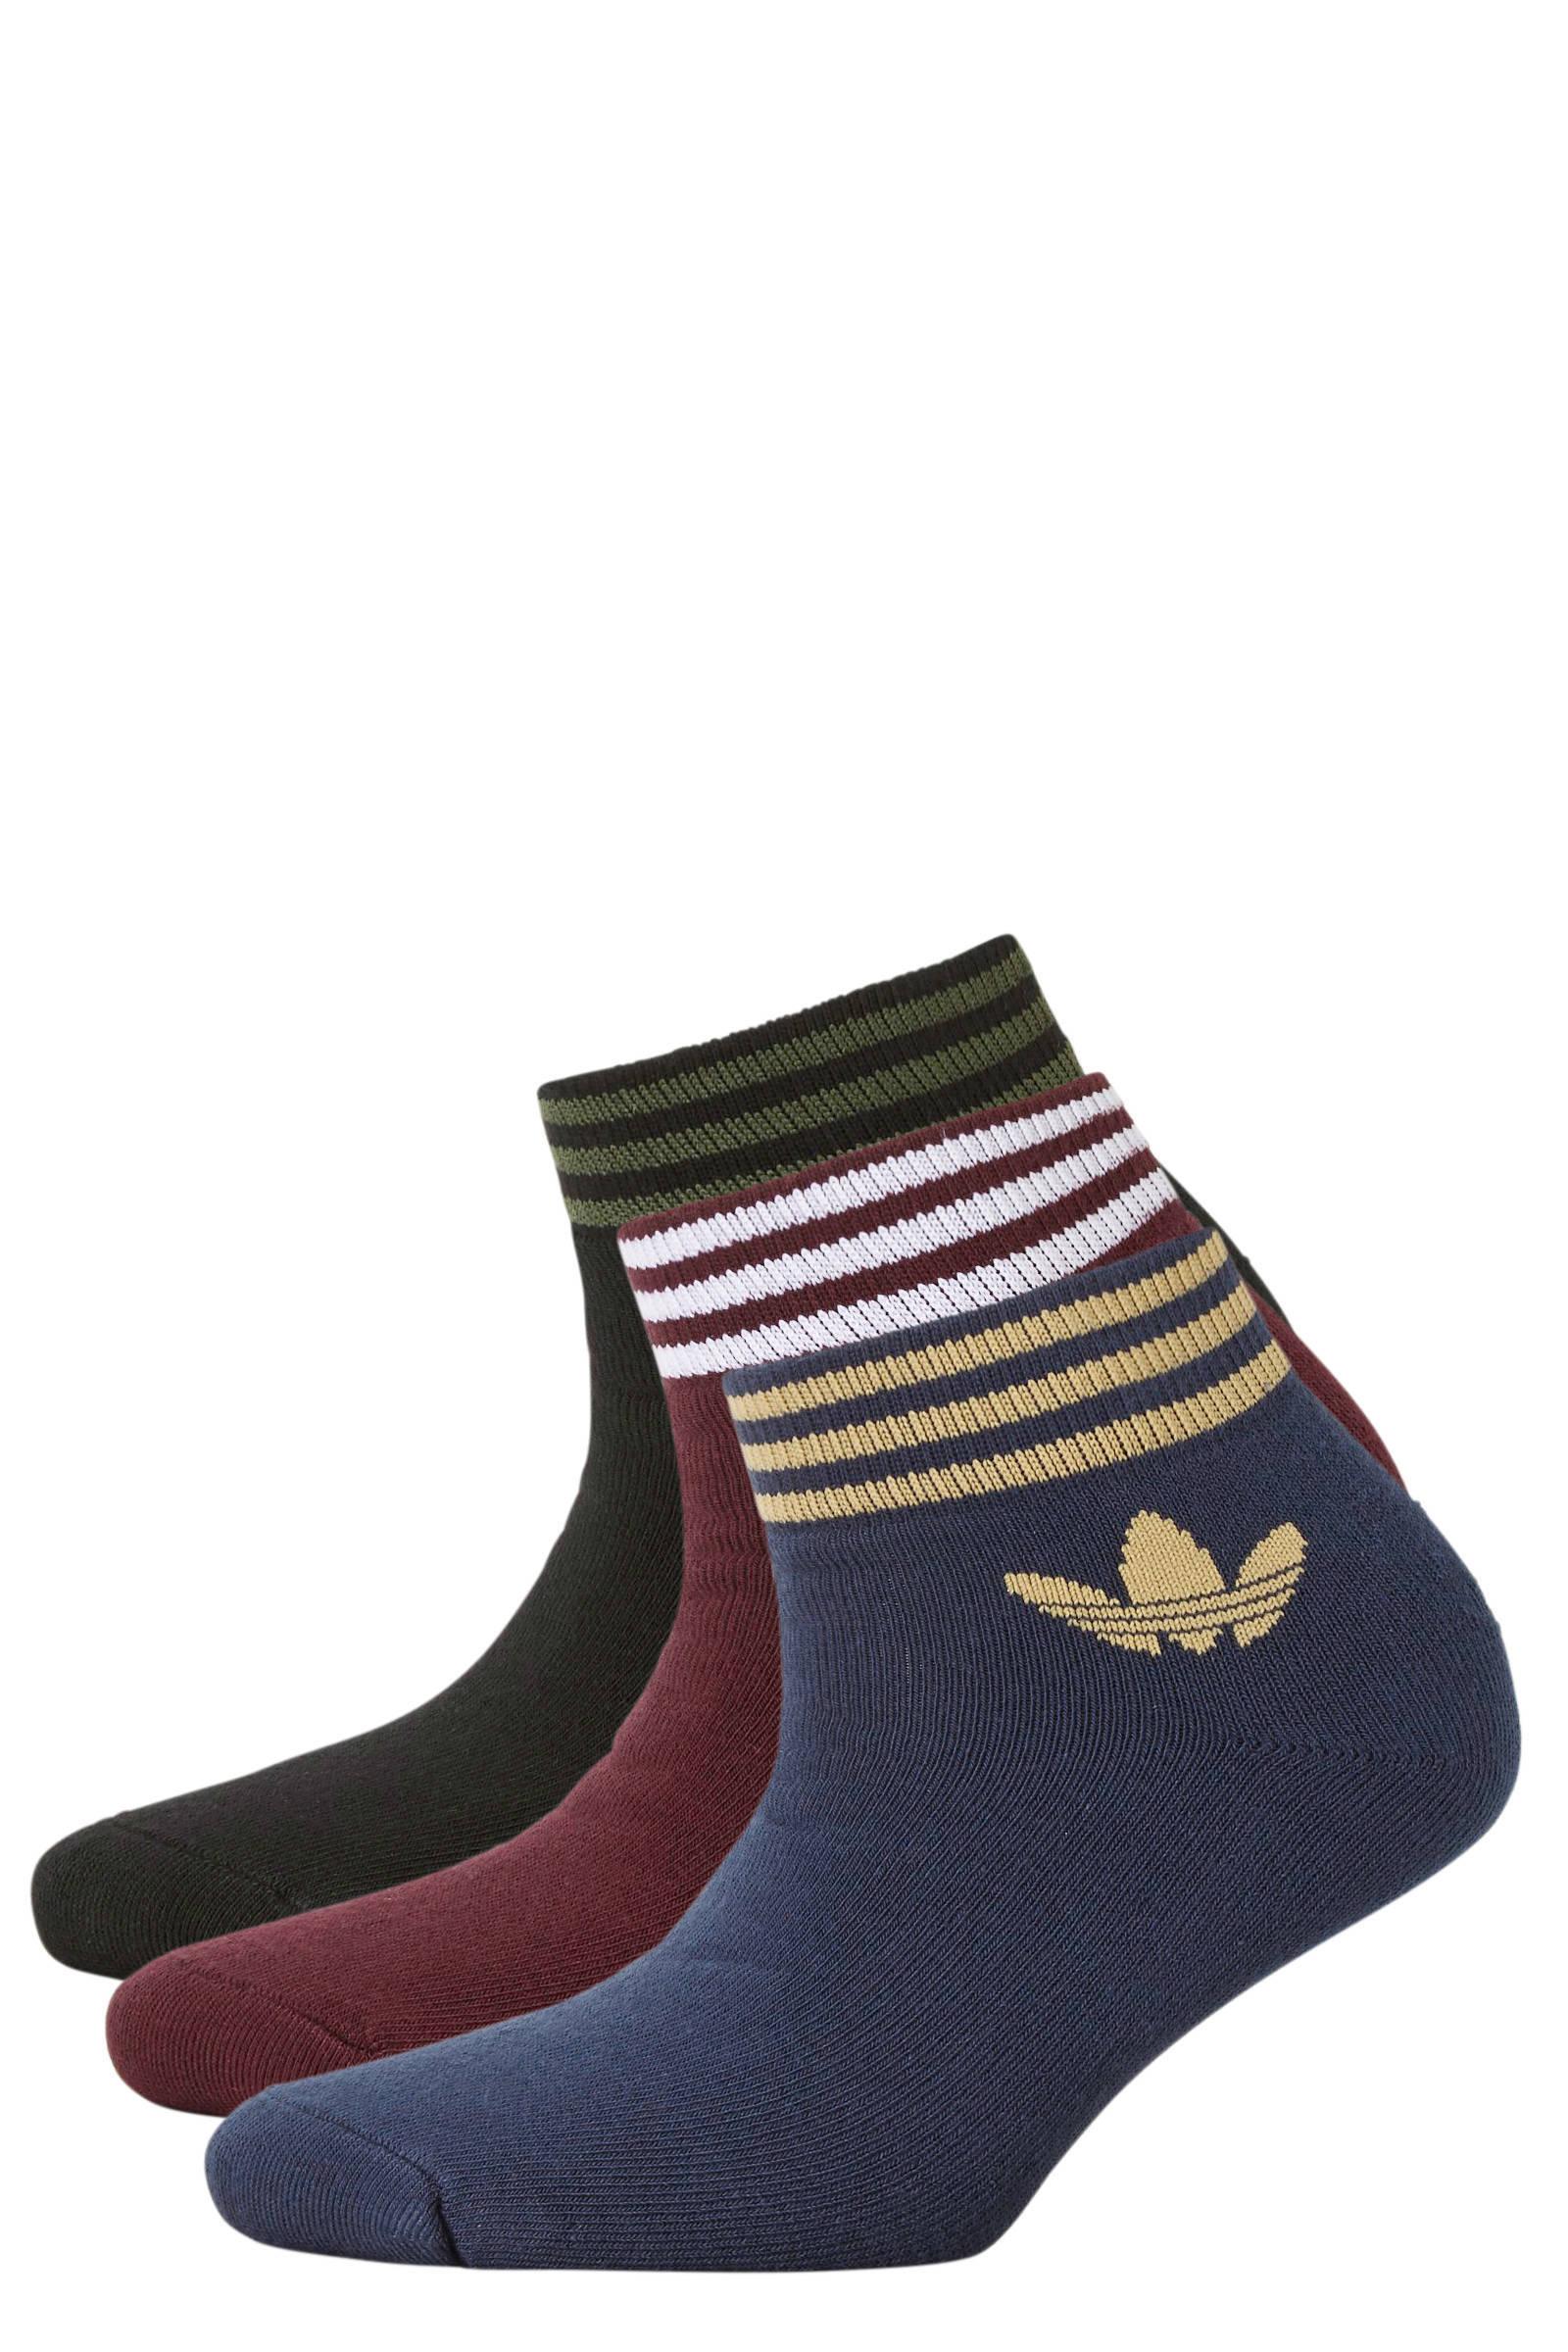 adidas Originals sneakersokken (set van 3) | wehkamp